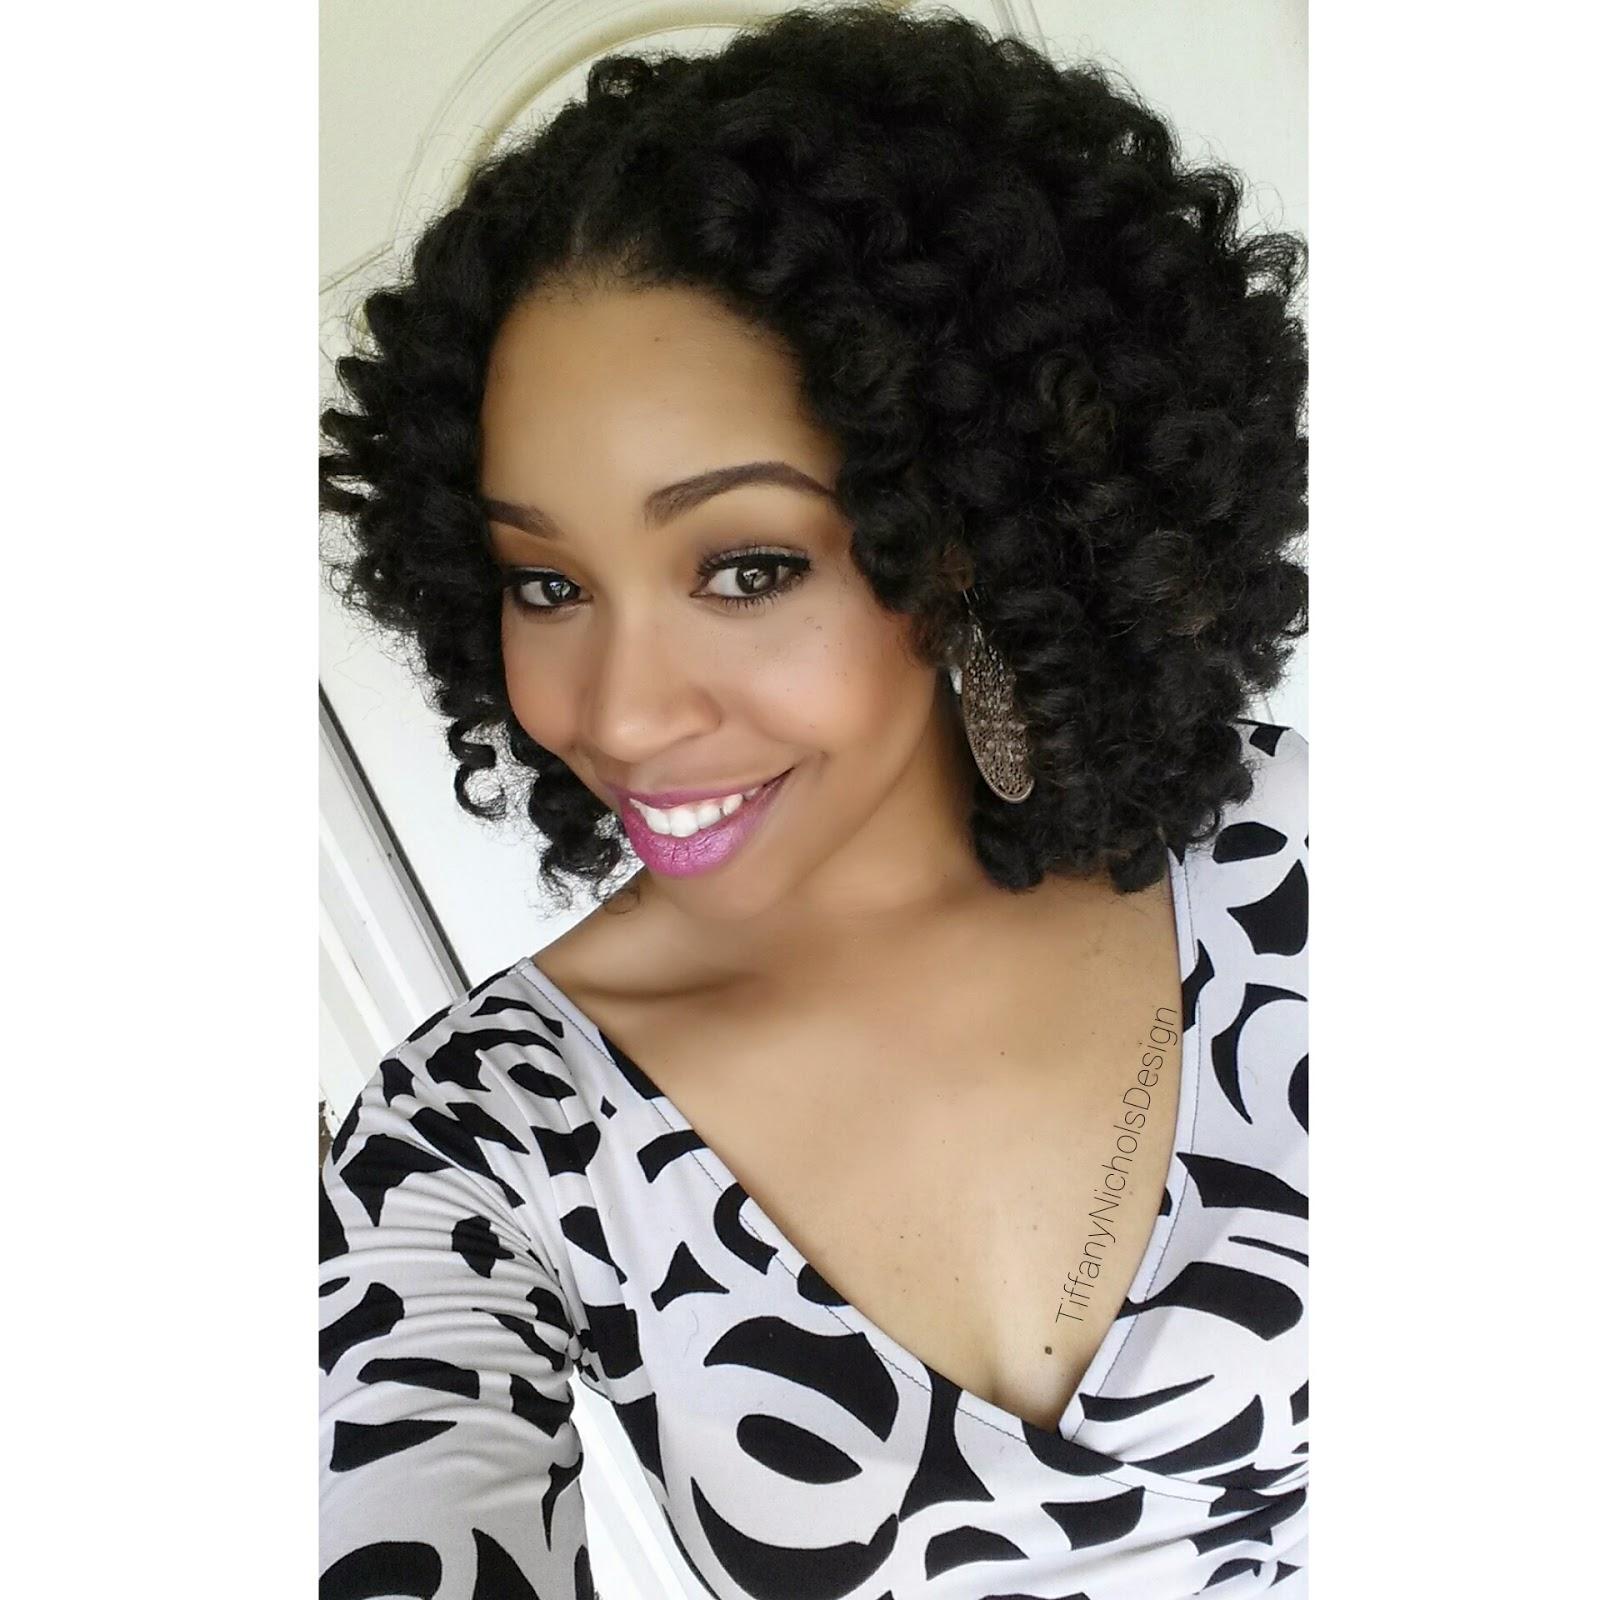 Tiffany Nichols Design: Crochet Braid with Marley Hair